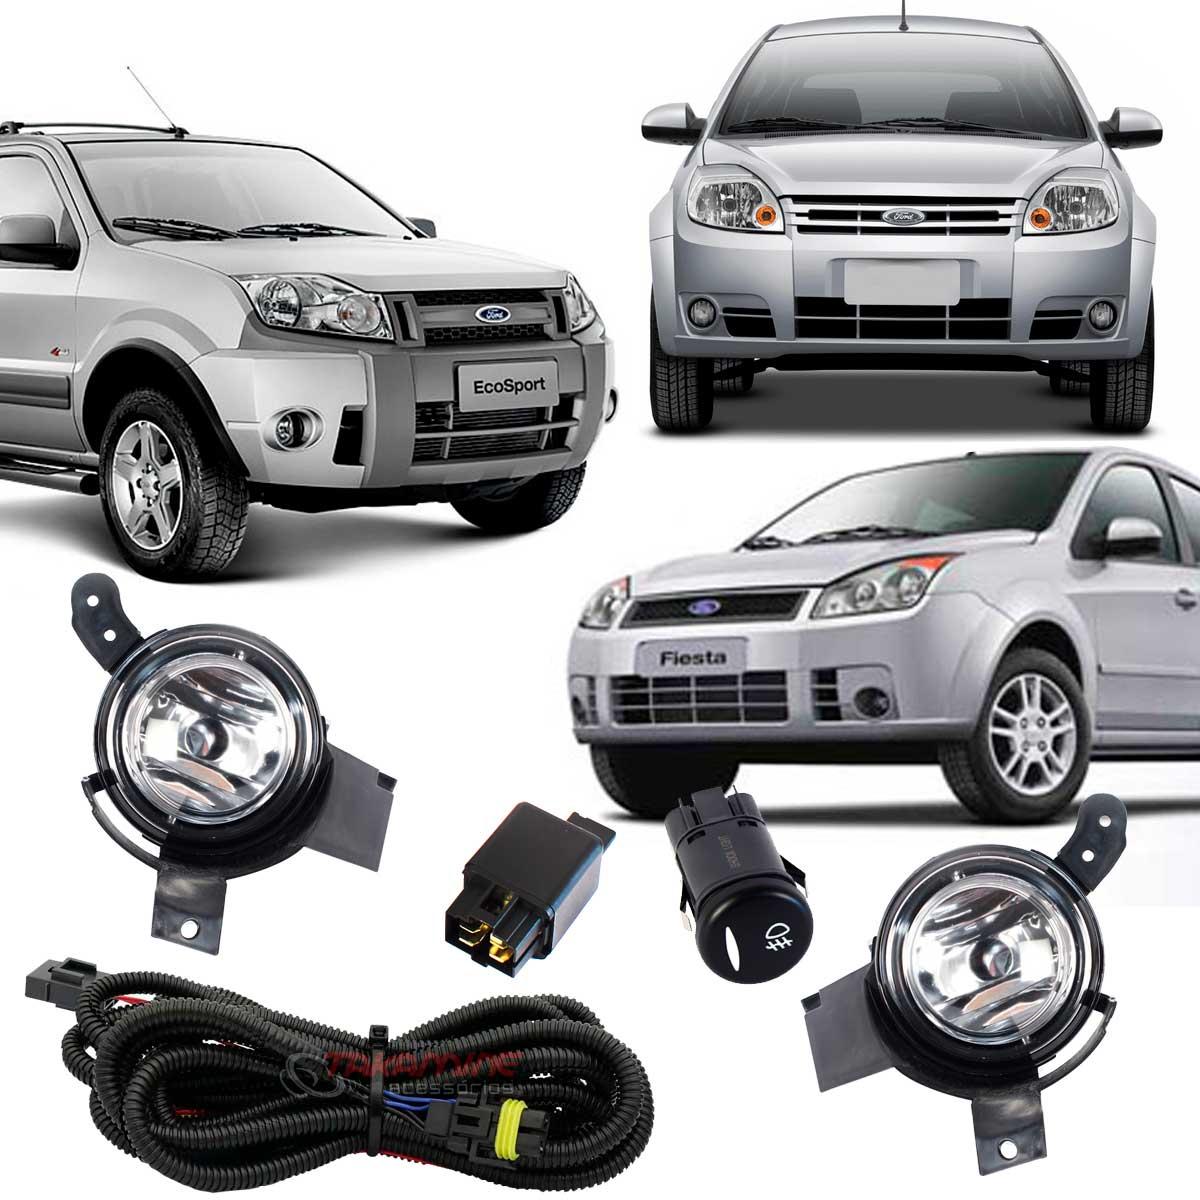 Farol milha Ka 2008 2009 2010 2011 Fiesta 2007 até 2012 Ecosport 2008 até 2012 botão modelo original